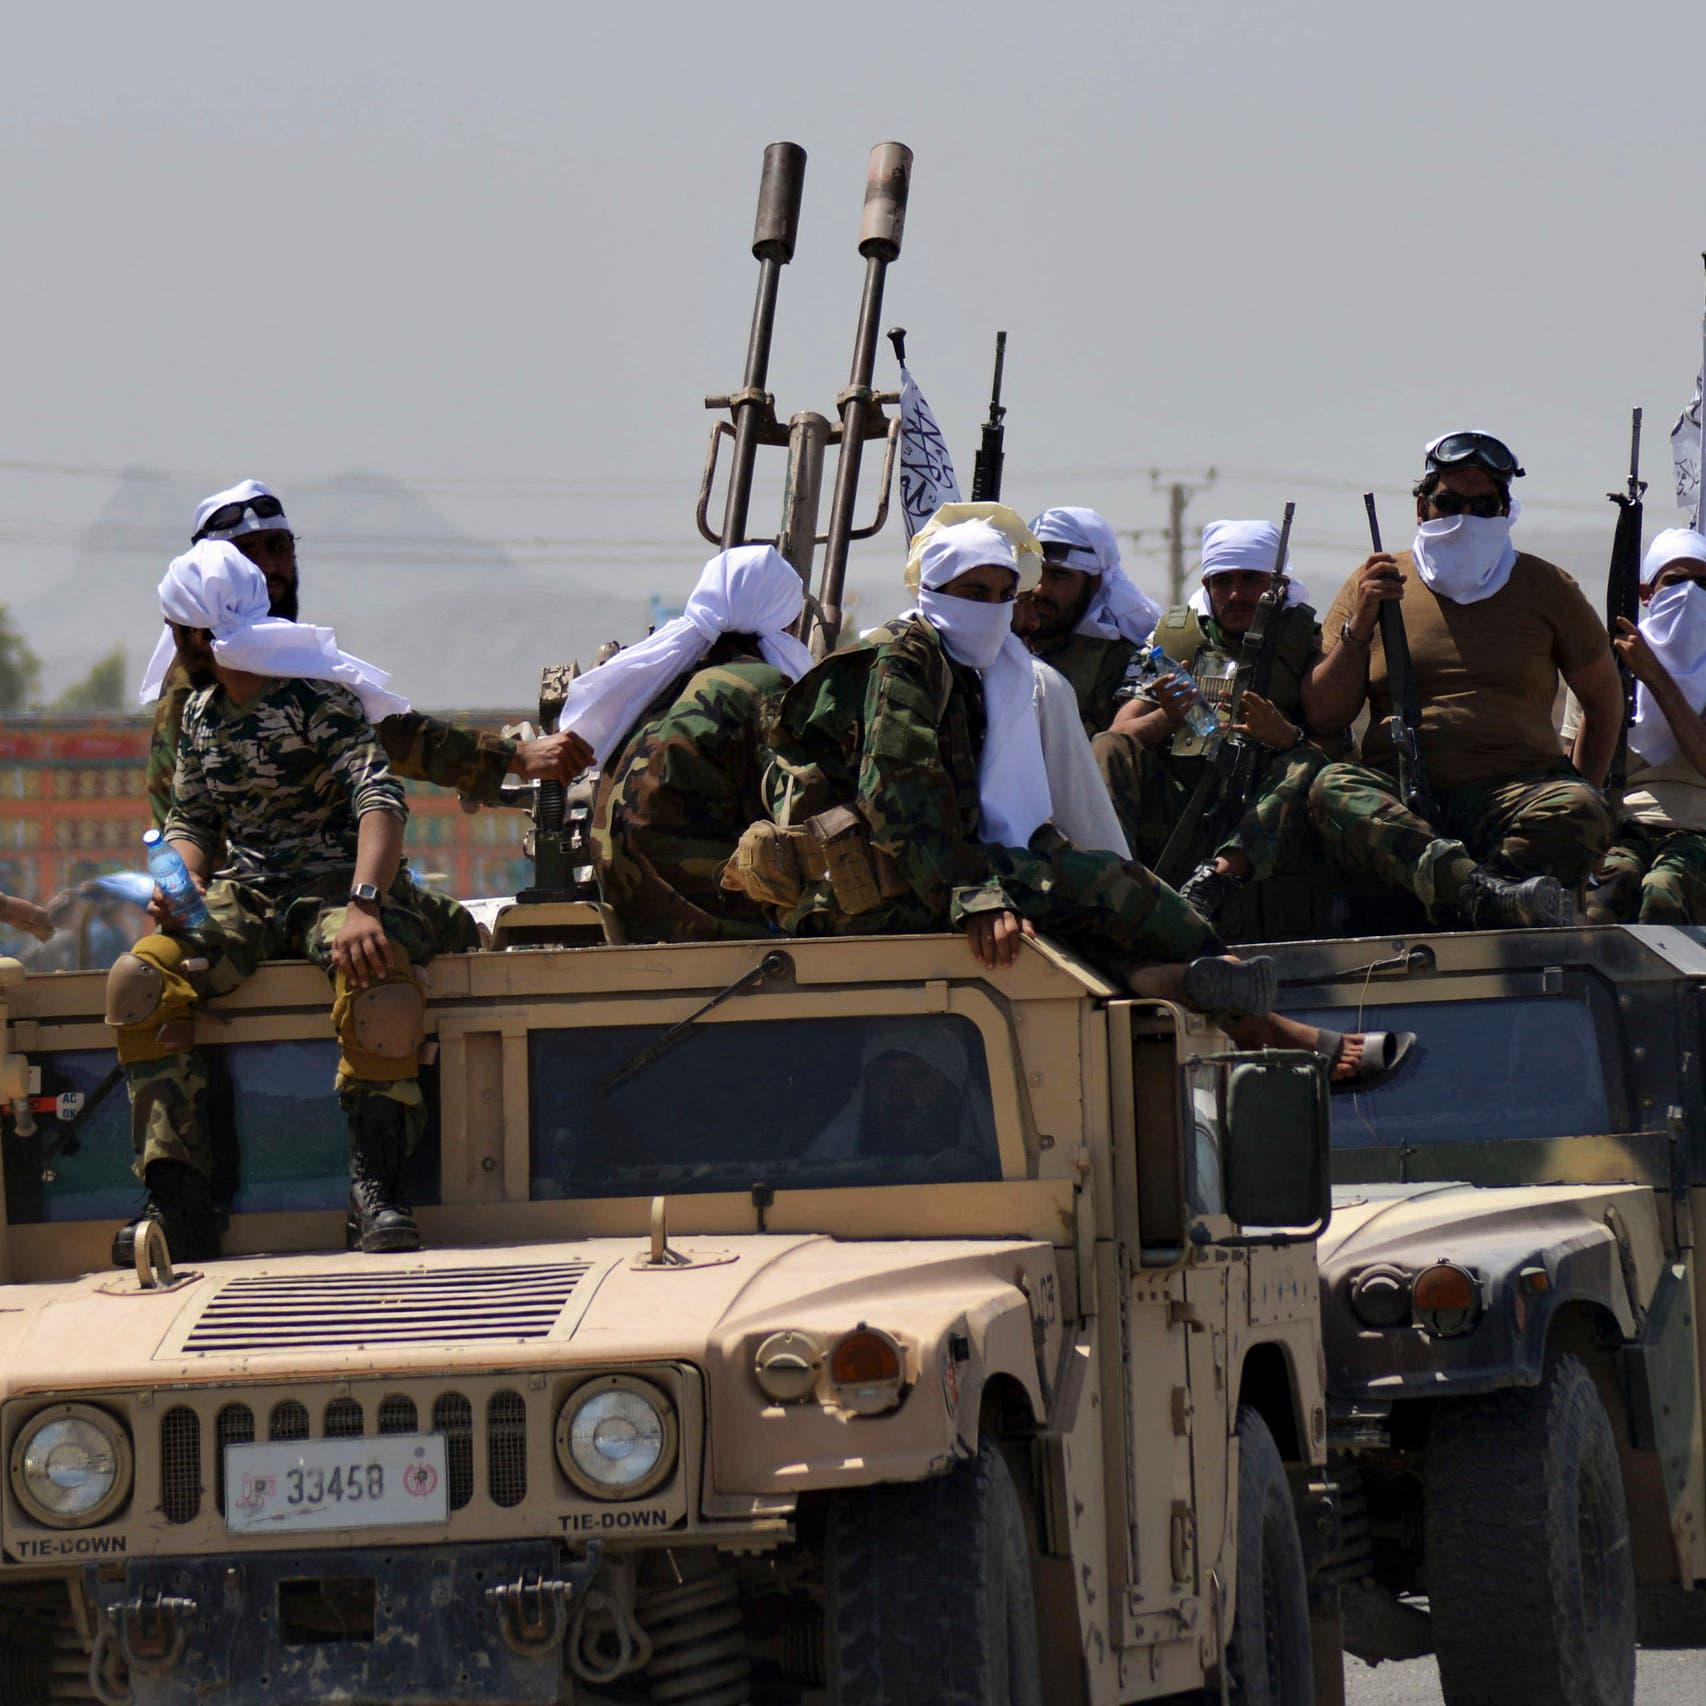 من معقلها.. شاهد طالبان تستعرض  بمعدات وأسلحة أميركية